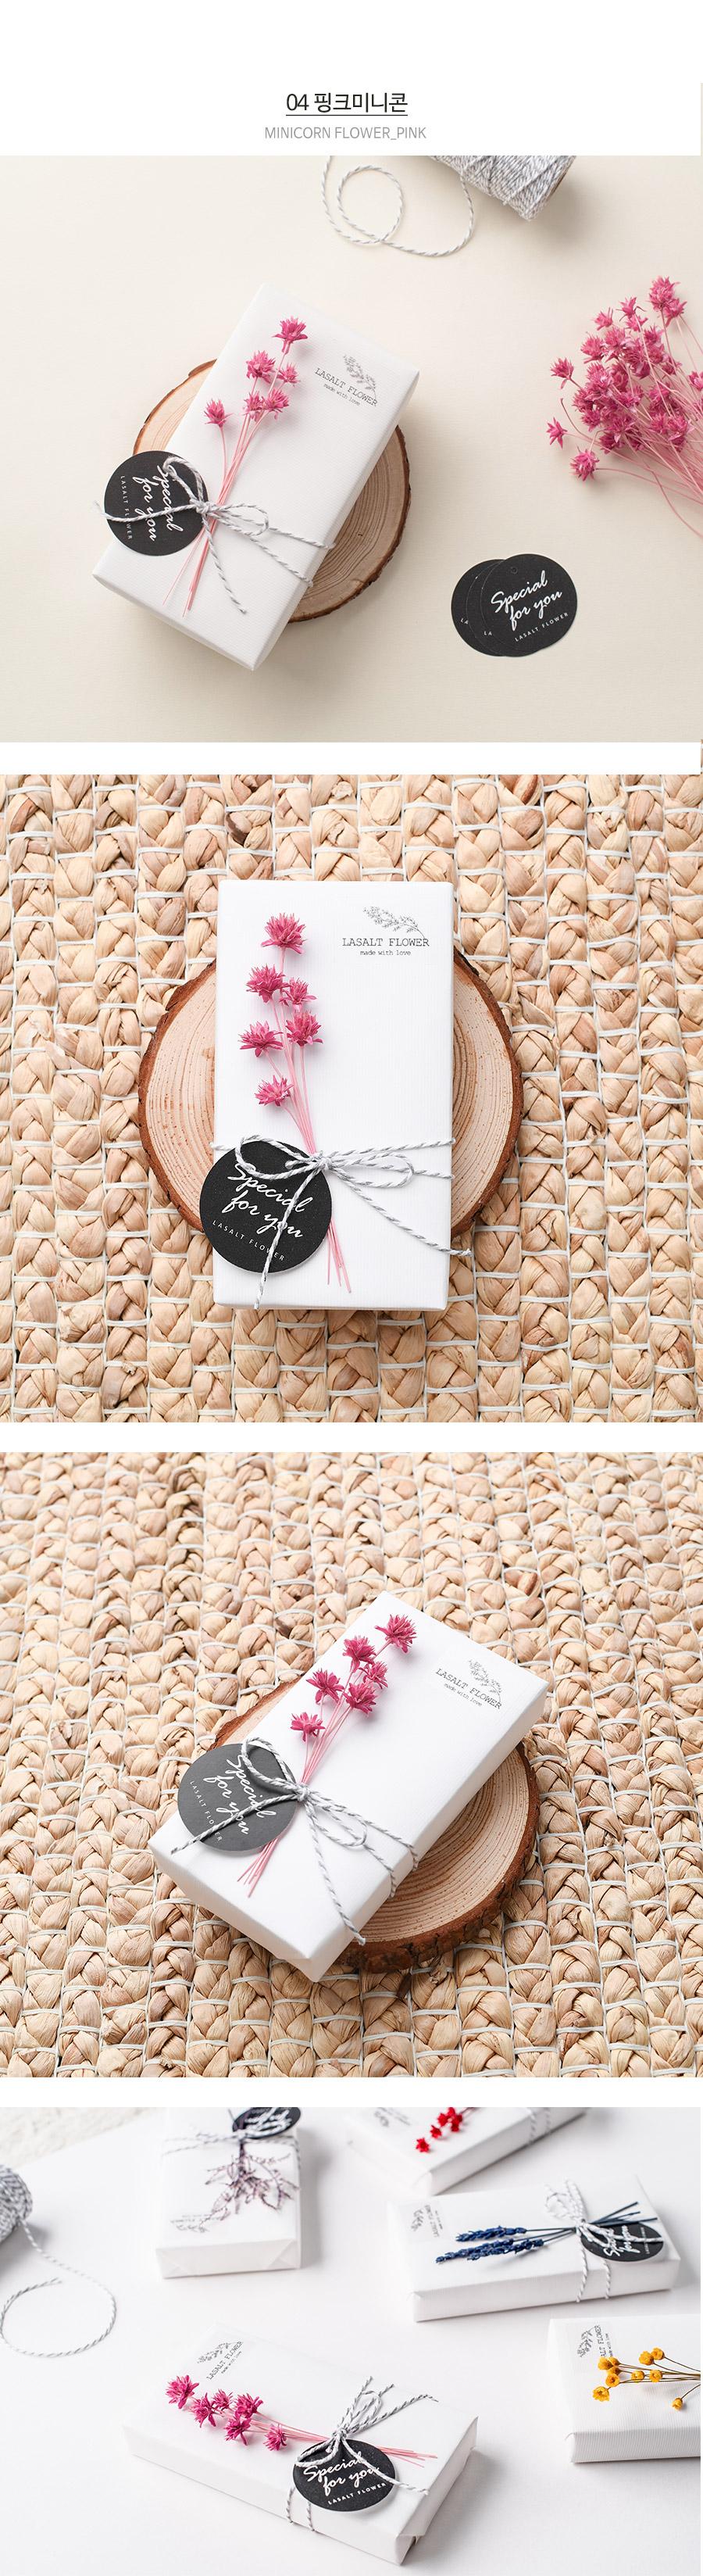 카니발 프리저브드 막대과자기프트패키지_핑크미니콘 - 라솔트플라워, 20,000원, 초콜릿/사탕, 초콜릿